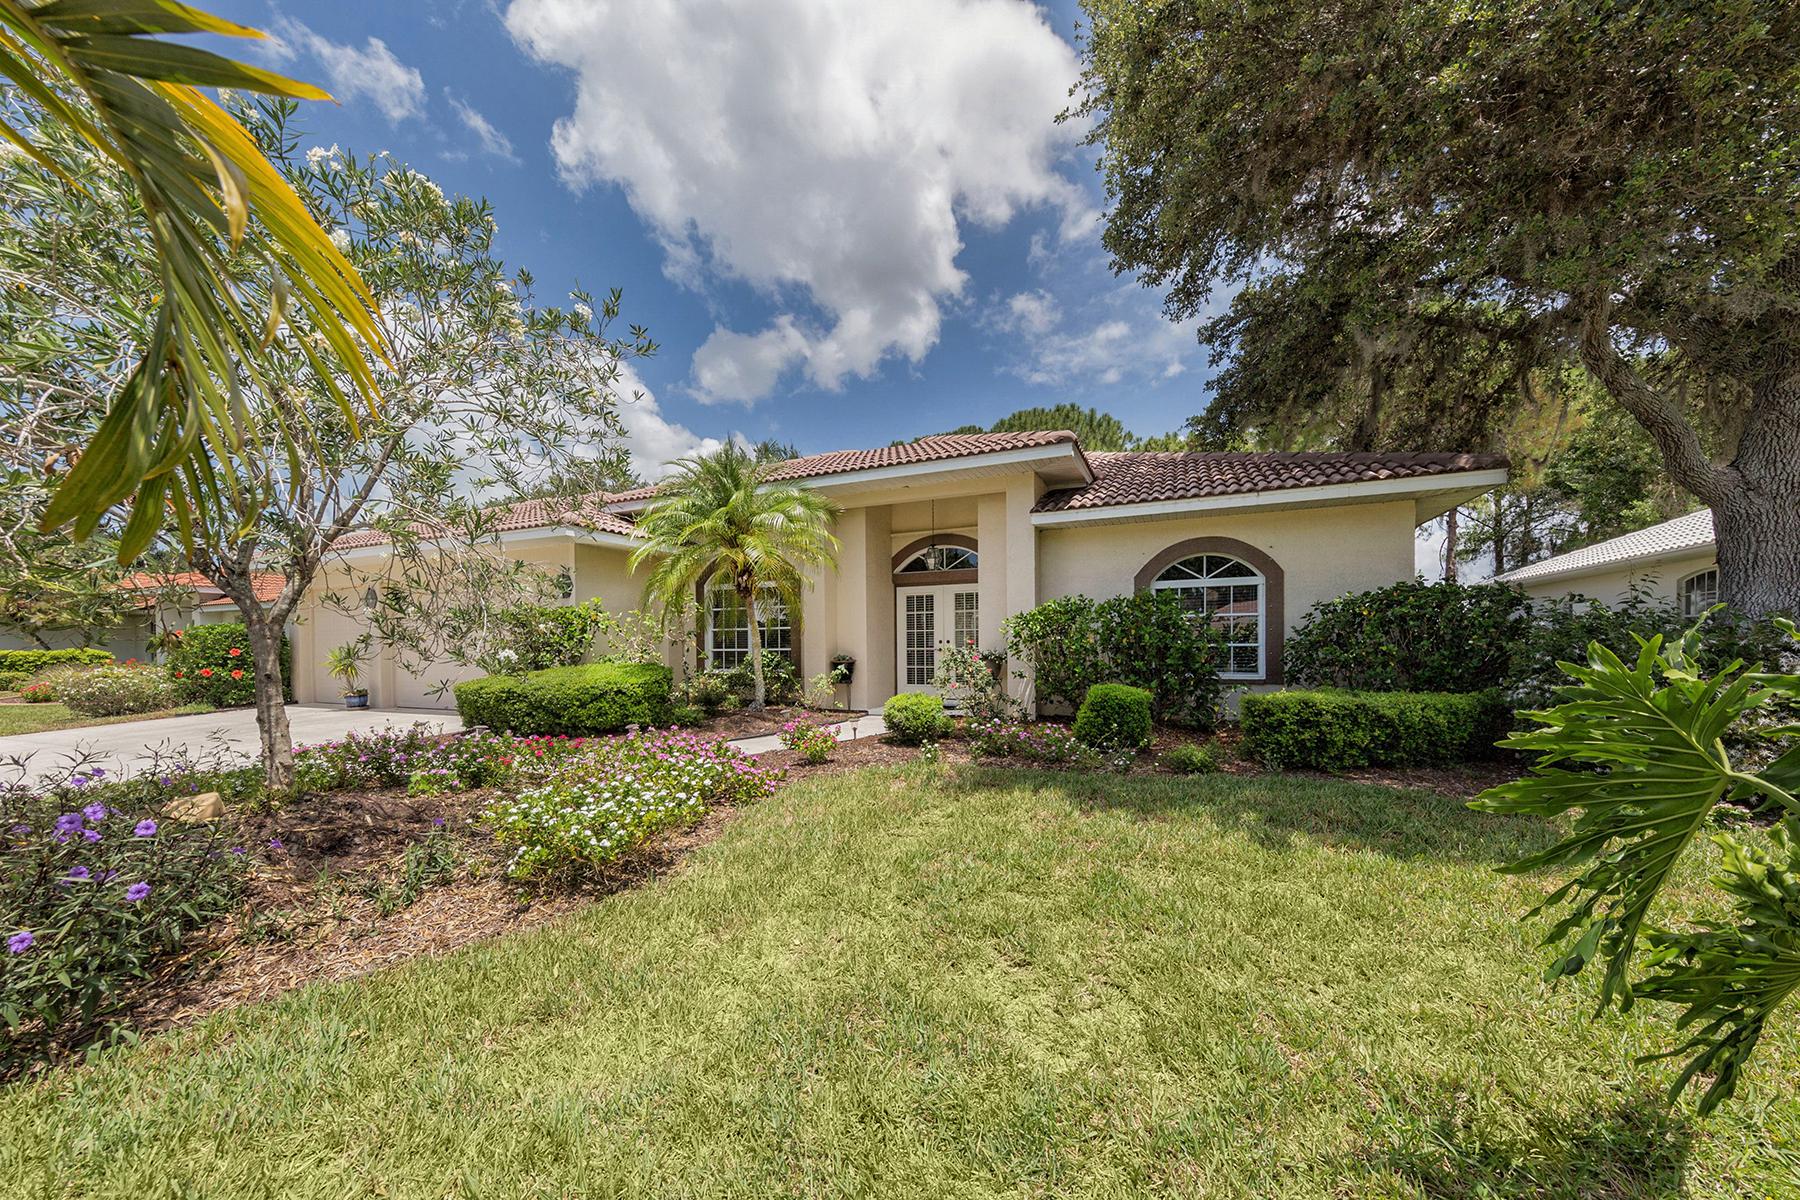 Maison unifamiliale pour l Vente à CALUSA LAKES 2098 Timucua Trl Nokomis, Florida, 34275 États-Unis